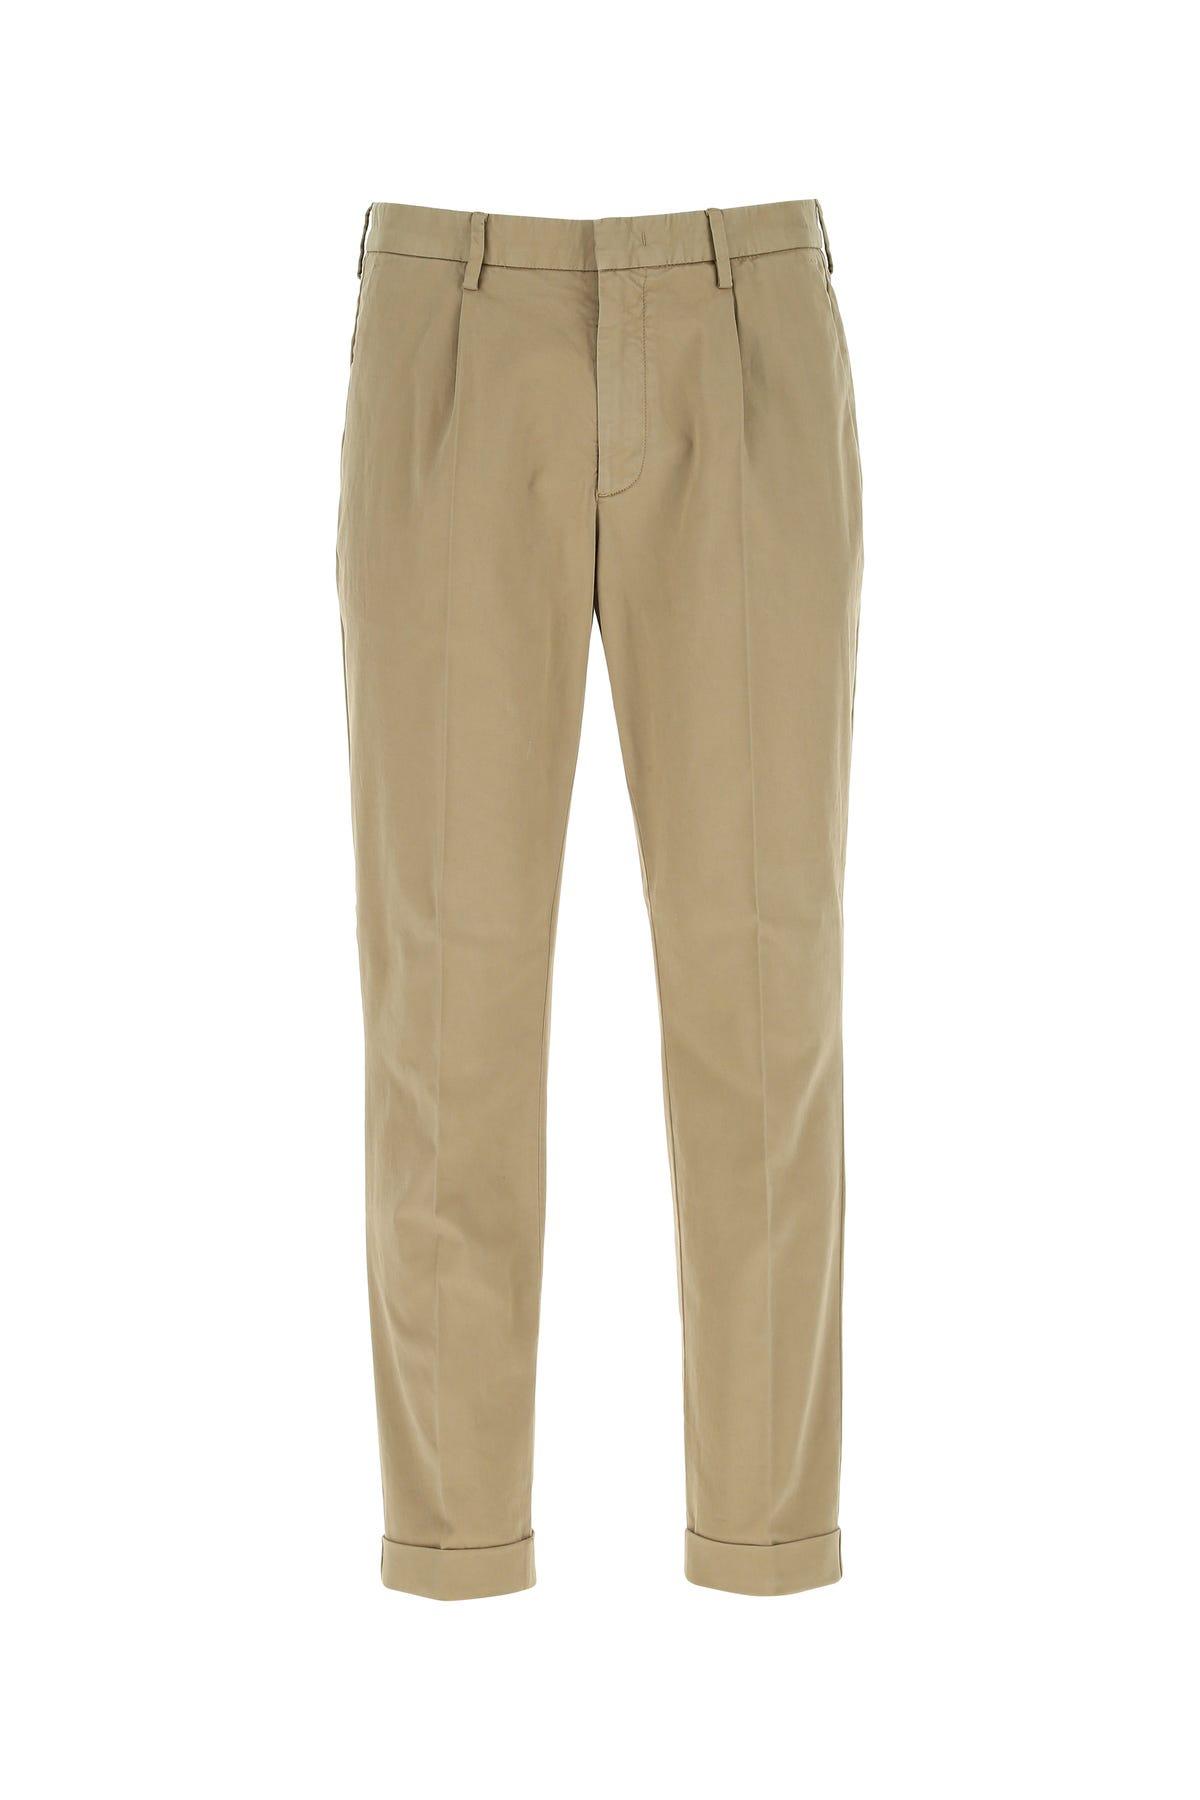 Z Zegna Dove Grey Stretch Cotton Pant  Grey  Uomo 52